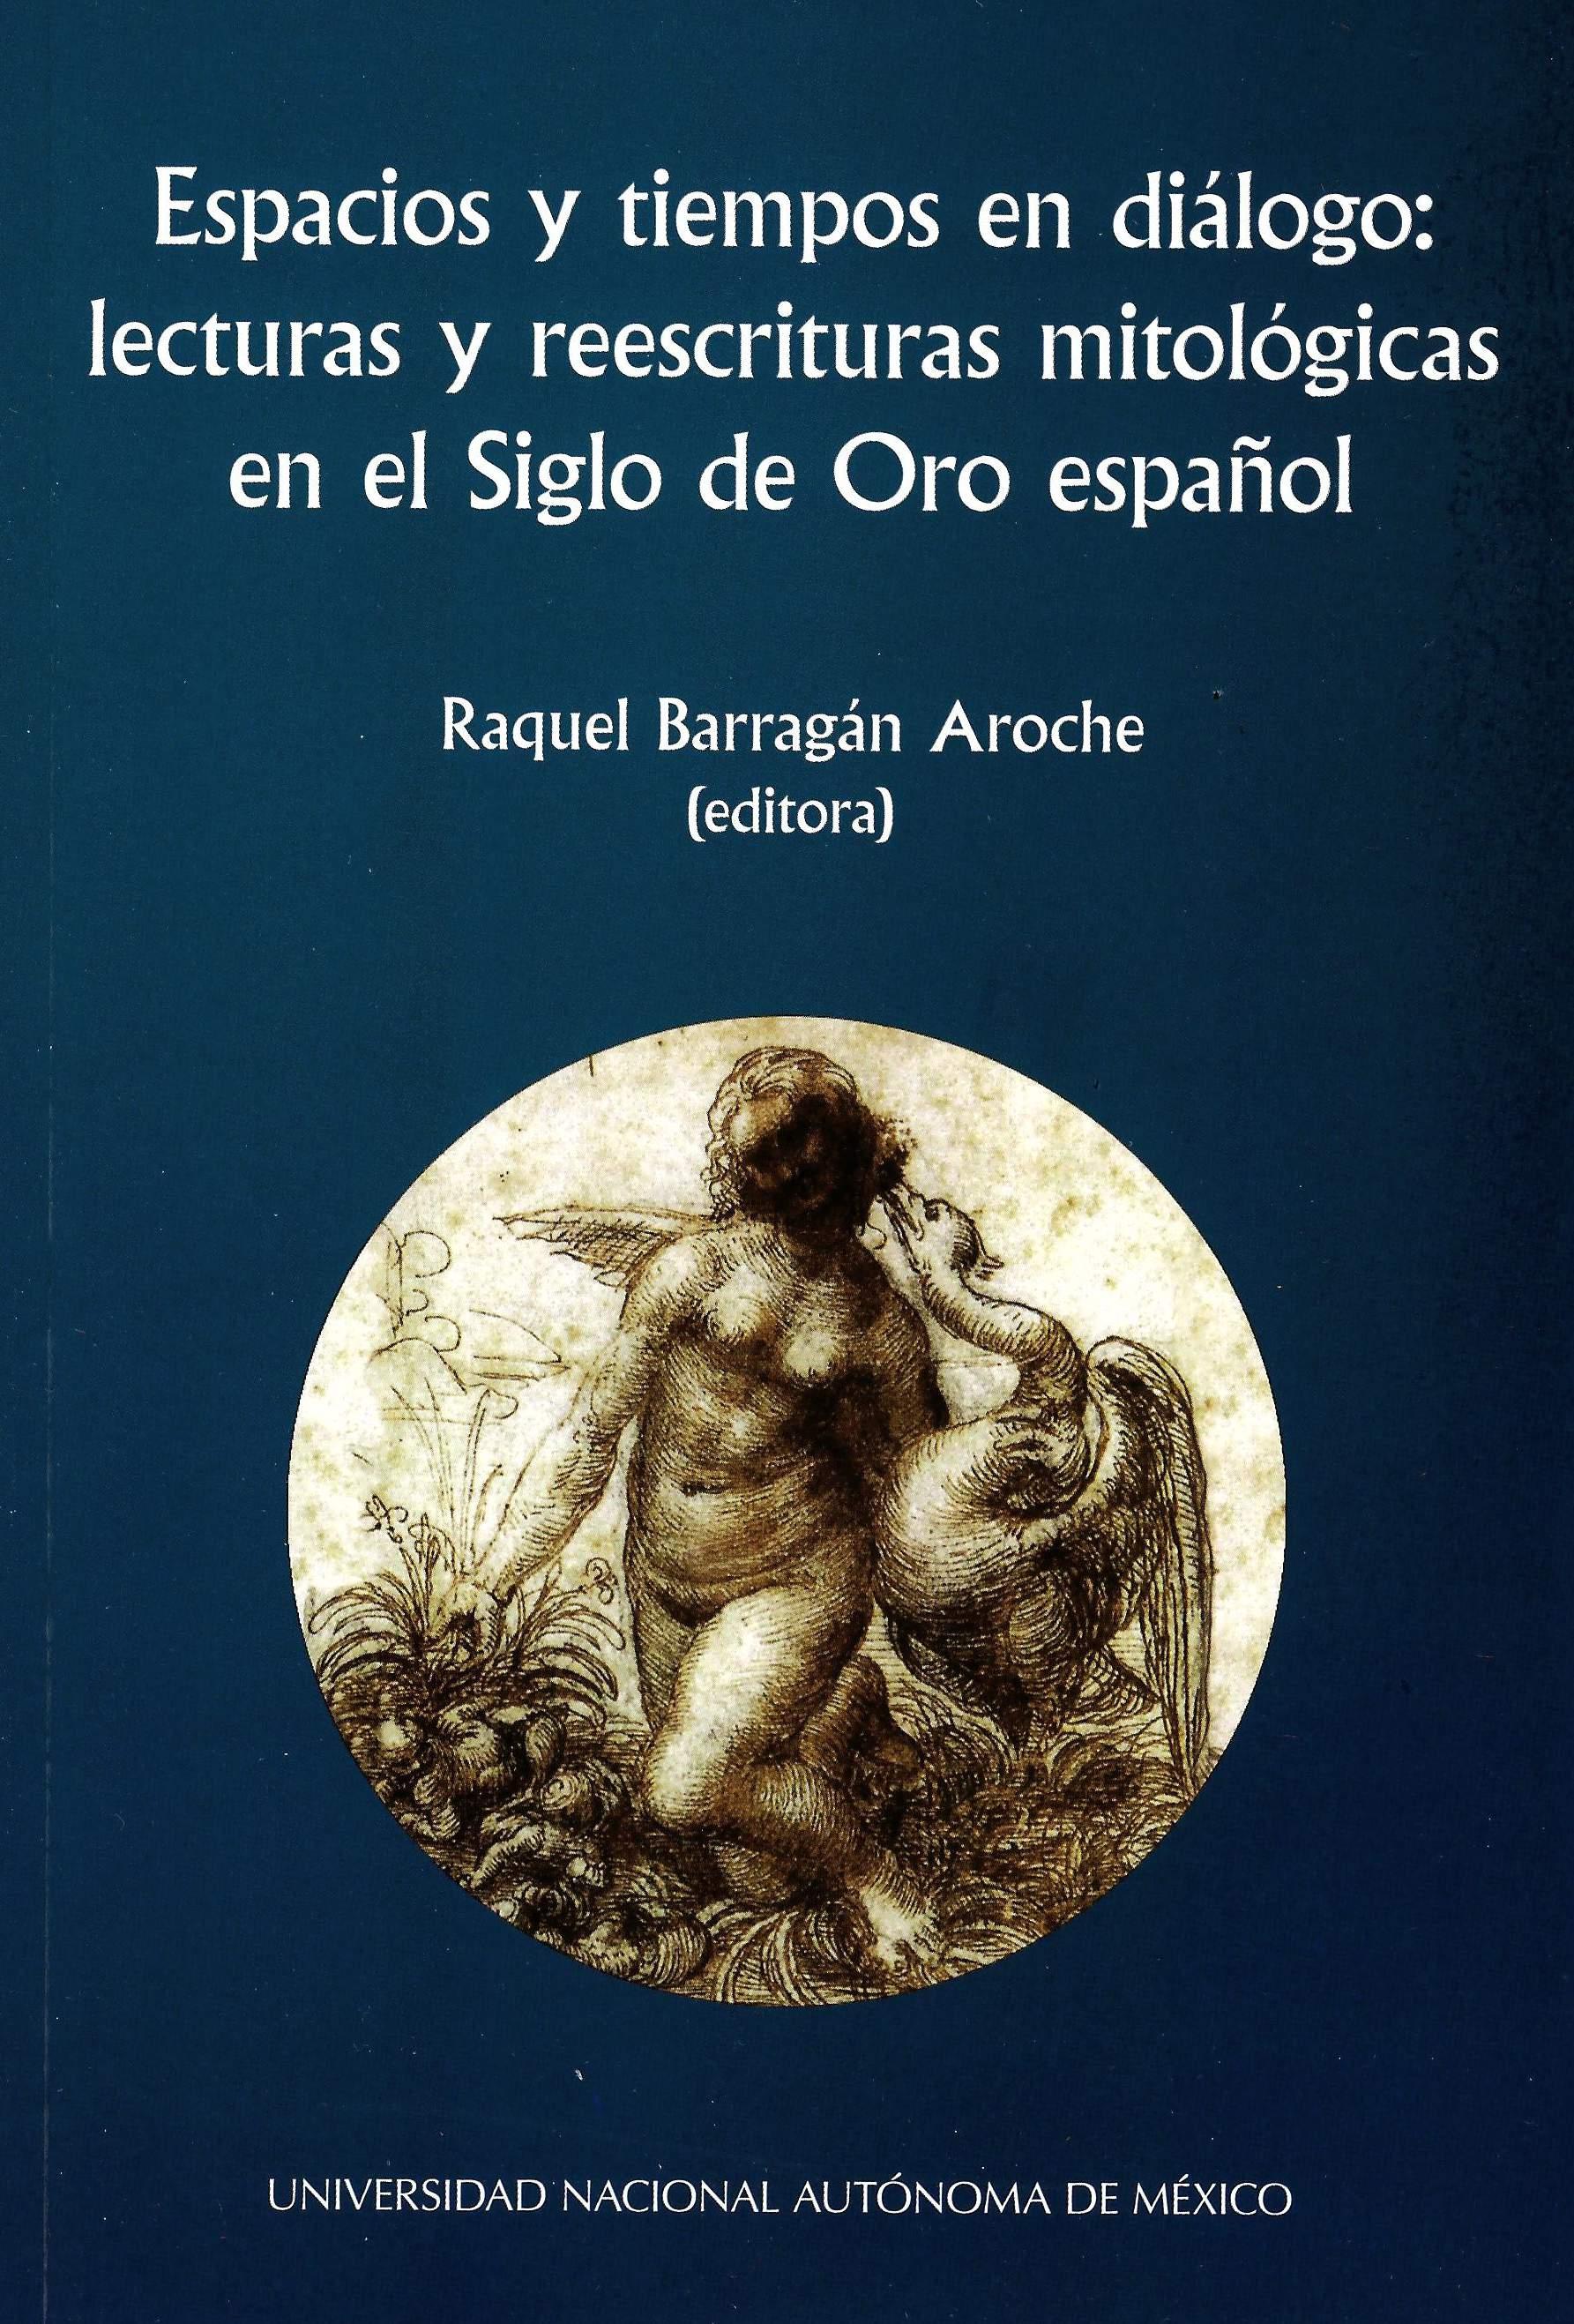 Espacios y tiempos en diálogo: lecturas y reescrituras mitológicas en el Siglo de Oro español